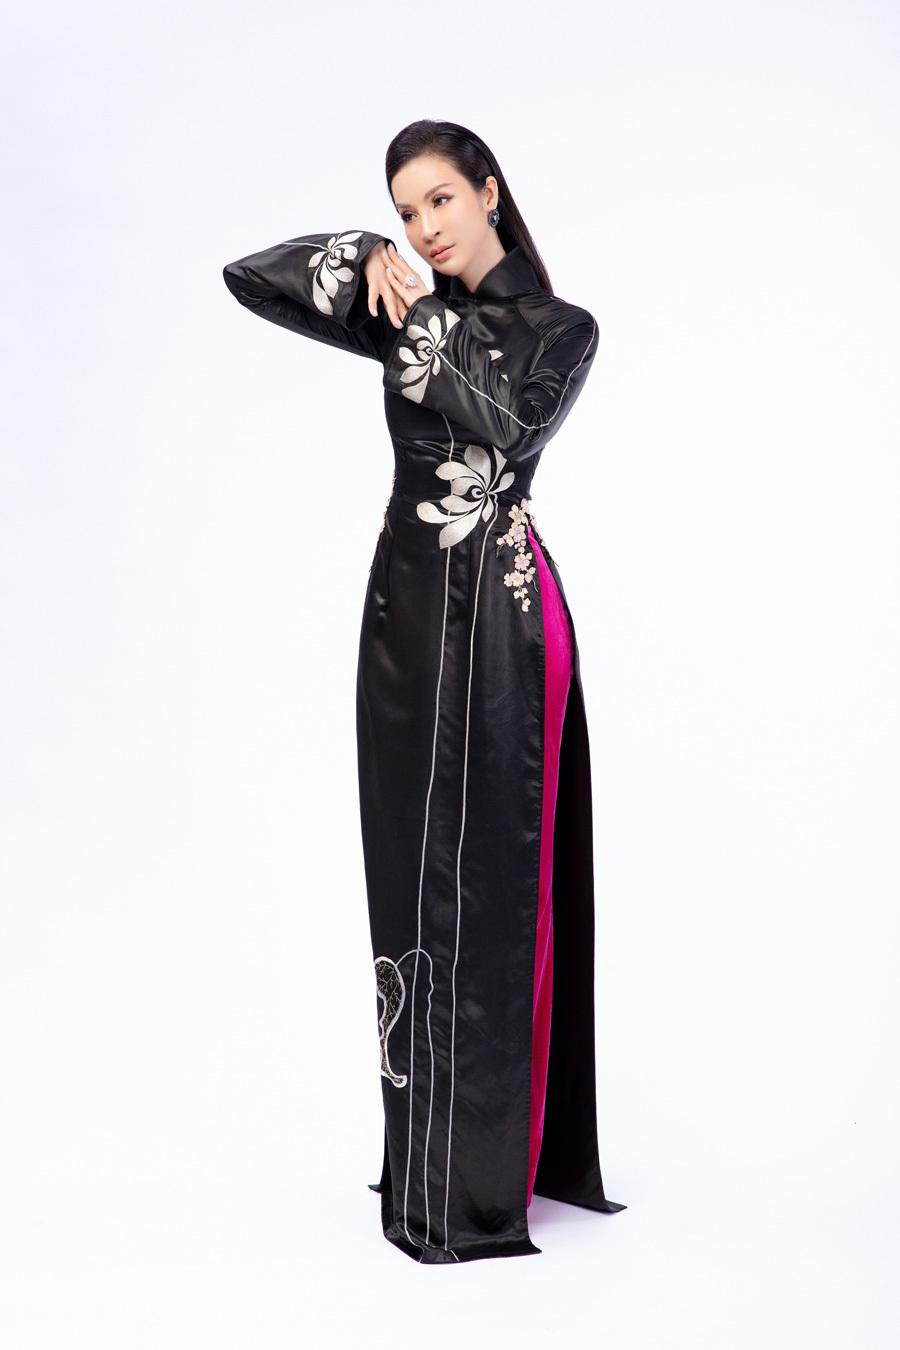 MC Thanh Mai mặc áo dài chụp ảnh trên sa mạc